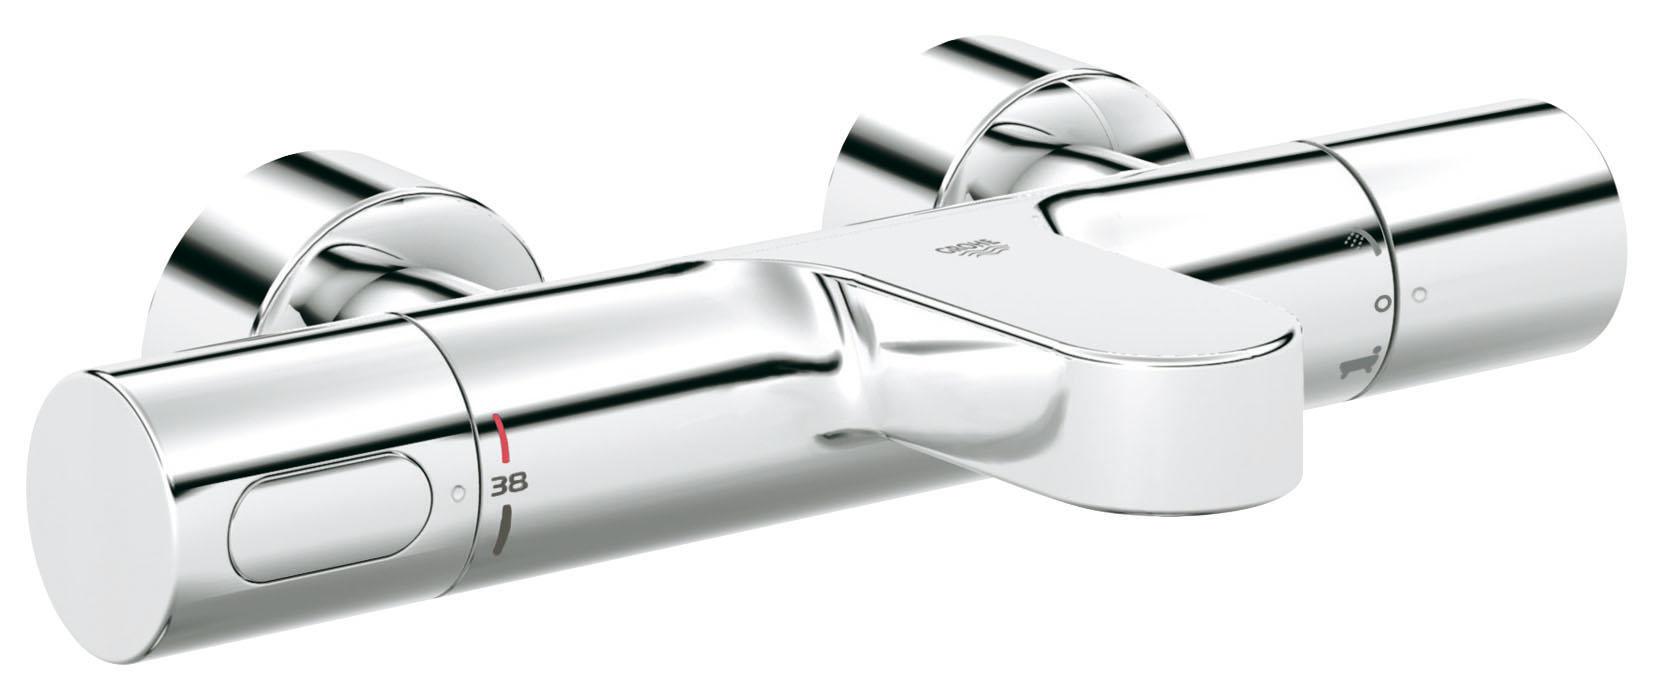 Термостатический смеситель для ванны GROHE Grohtherm 3000 Cosmopolitan (34276000)34276000Настенный монтаж GROHE CoolTouch безопасный корпус GROHE TurboStat встроенный термоэлемент Аквадиммер многофункциональный: - регулировка расхода Стопор безопасности при 38°C Встроенный стопор смешанной воды - переключатель: ванна/душ Отвод для душа снизу 1/2? Аэратор GROHE StarLight хромированная поверхность Встроенные обратные клапаны Грязеулавливающие фильтры Скрытые S-образные эксцентрики С защитой от обратного потока GROHE EcoJoy - технология совершенного потока при уменьшенном расходе воды Видео по установке является исключительно информационным. Установка должна проводиться профессионалами!